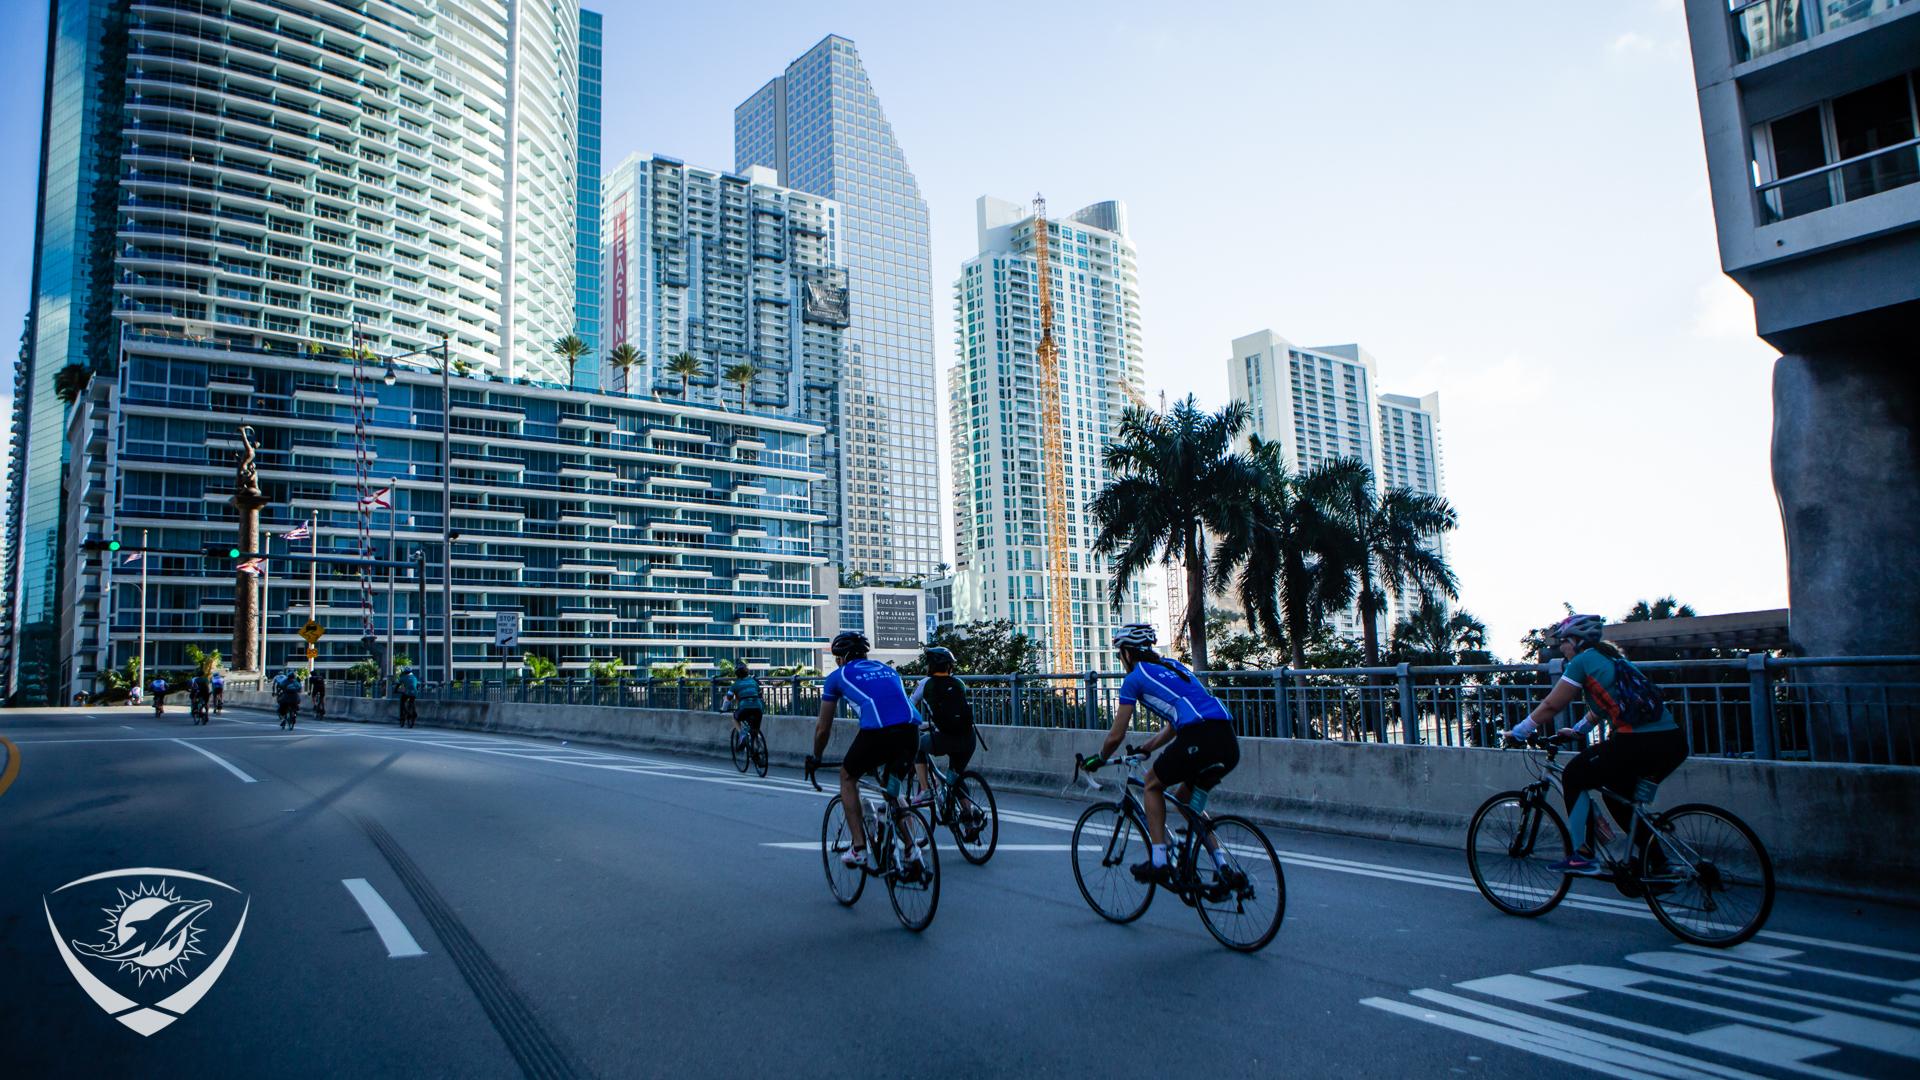 DCC Rides through Miami